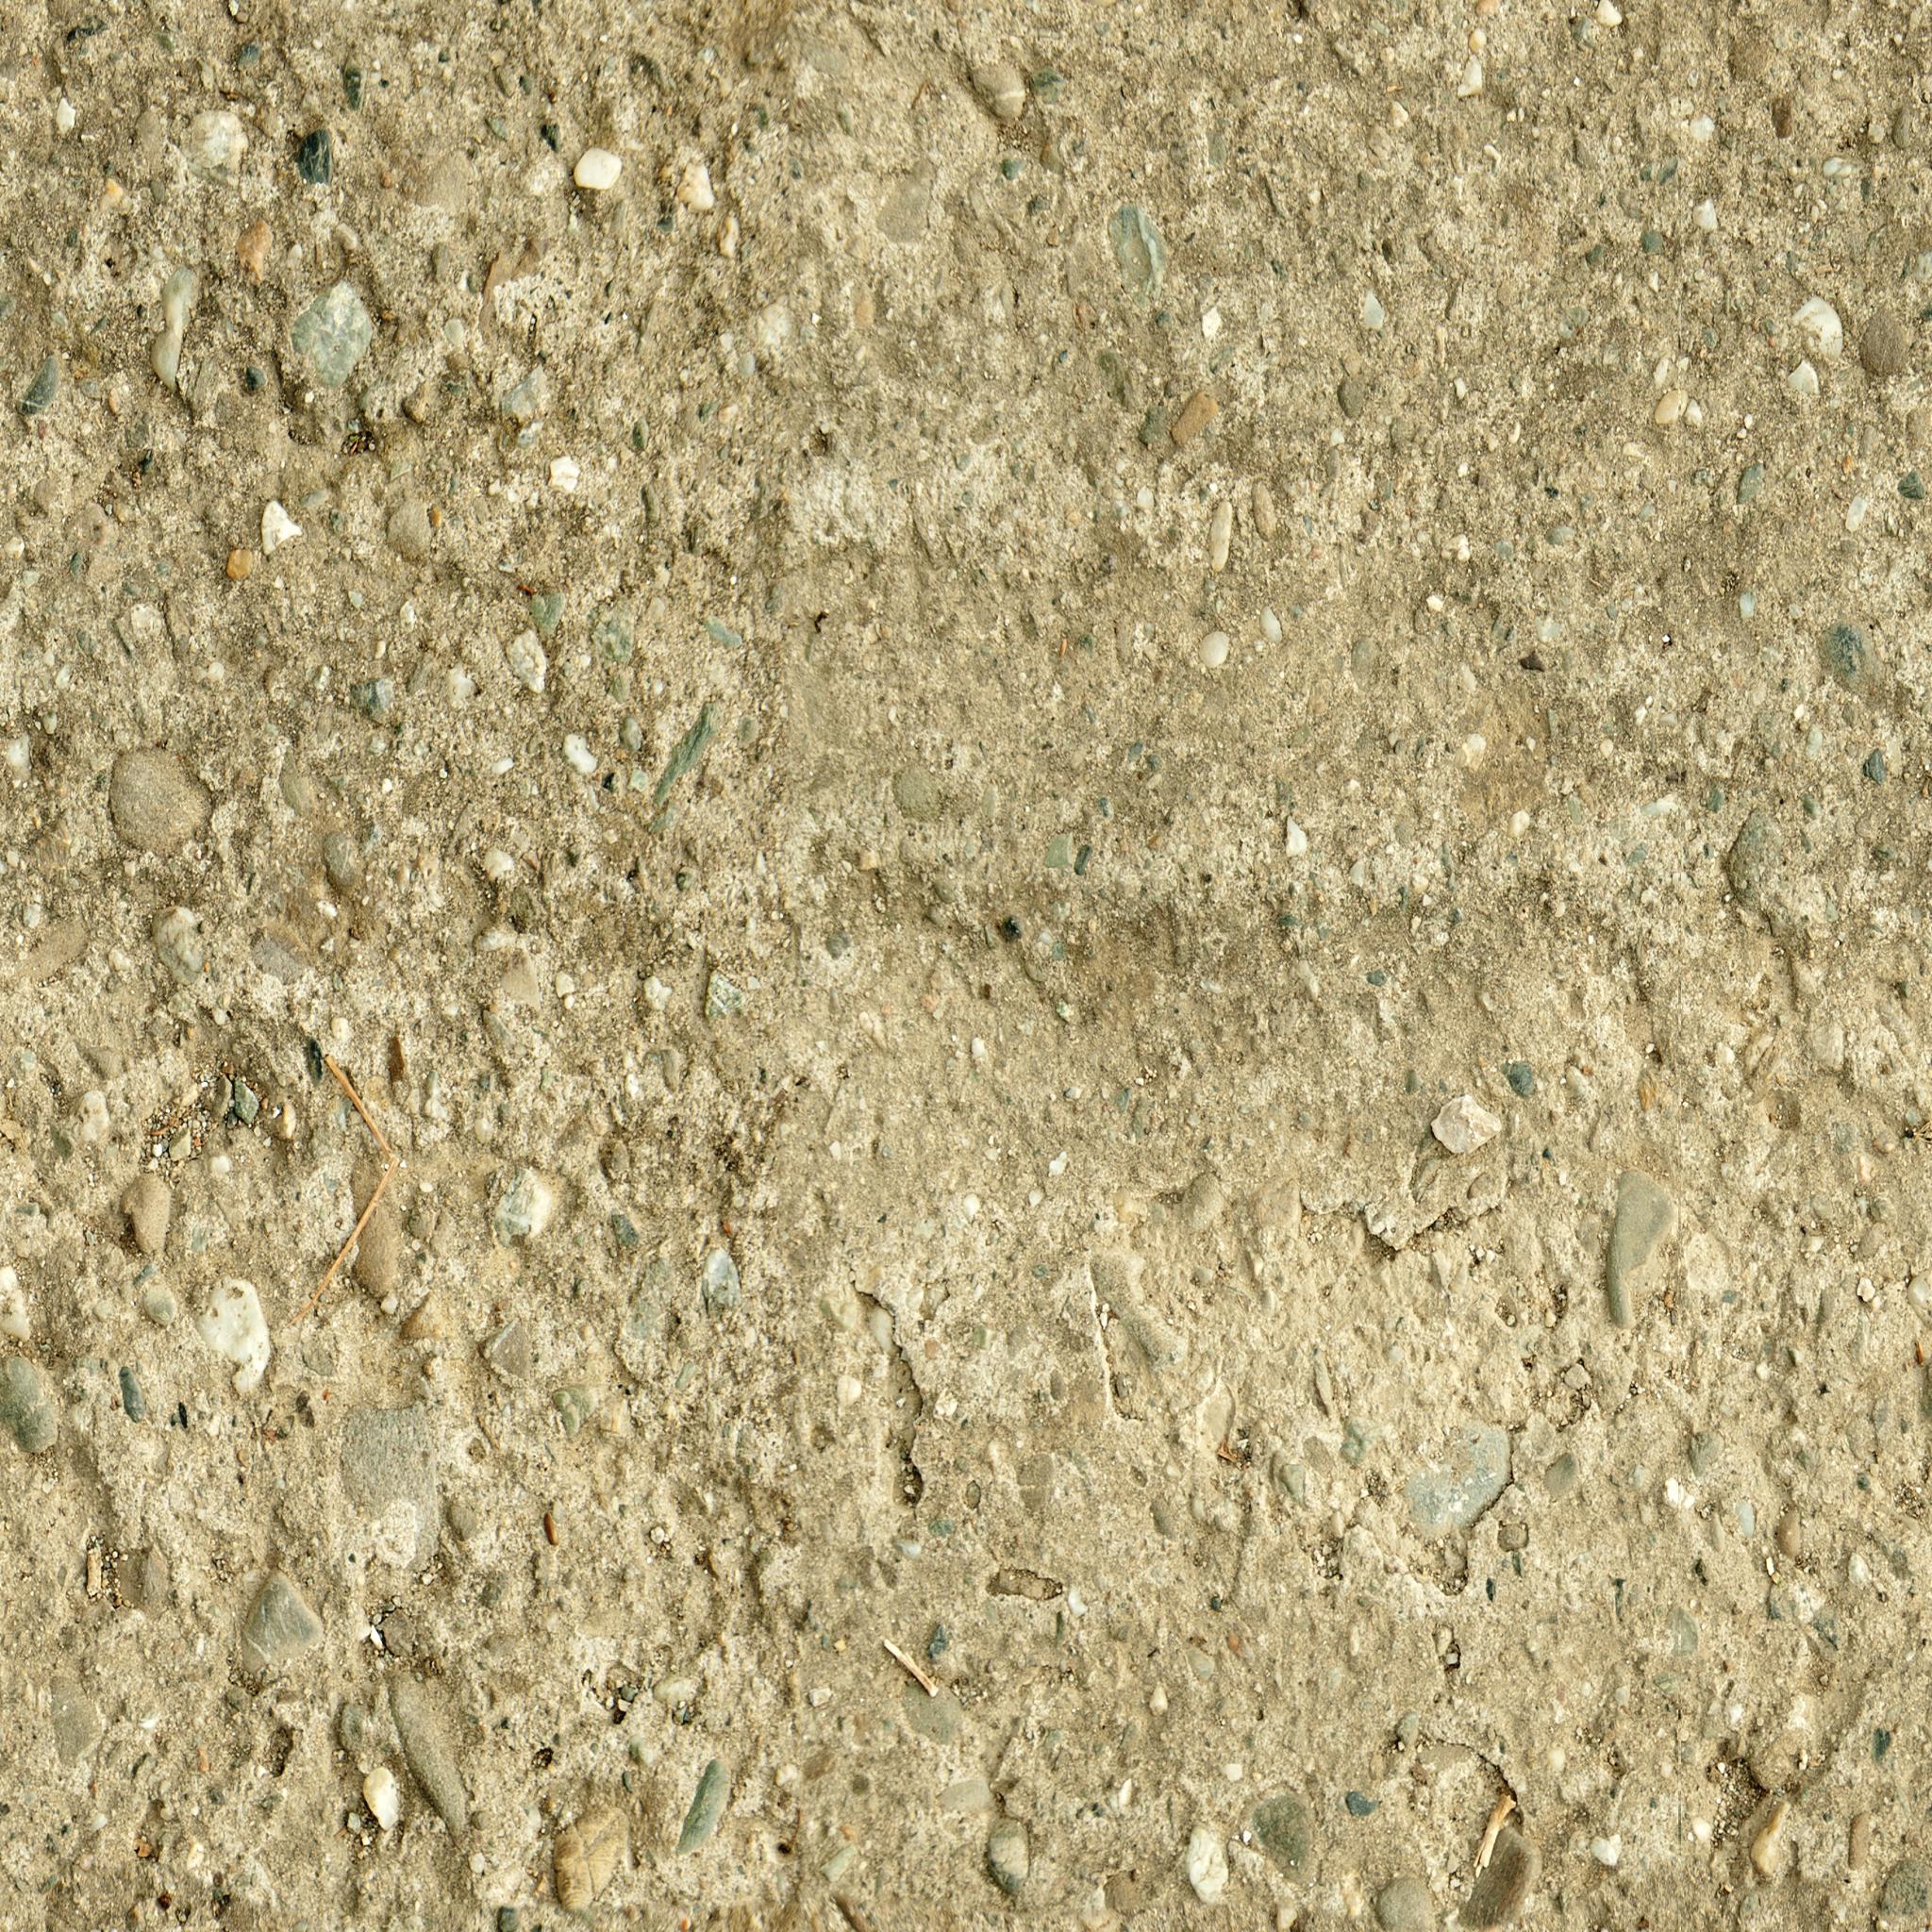 Coarse Brown Concrete.jpg